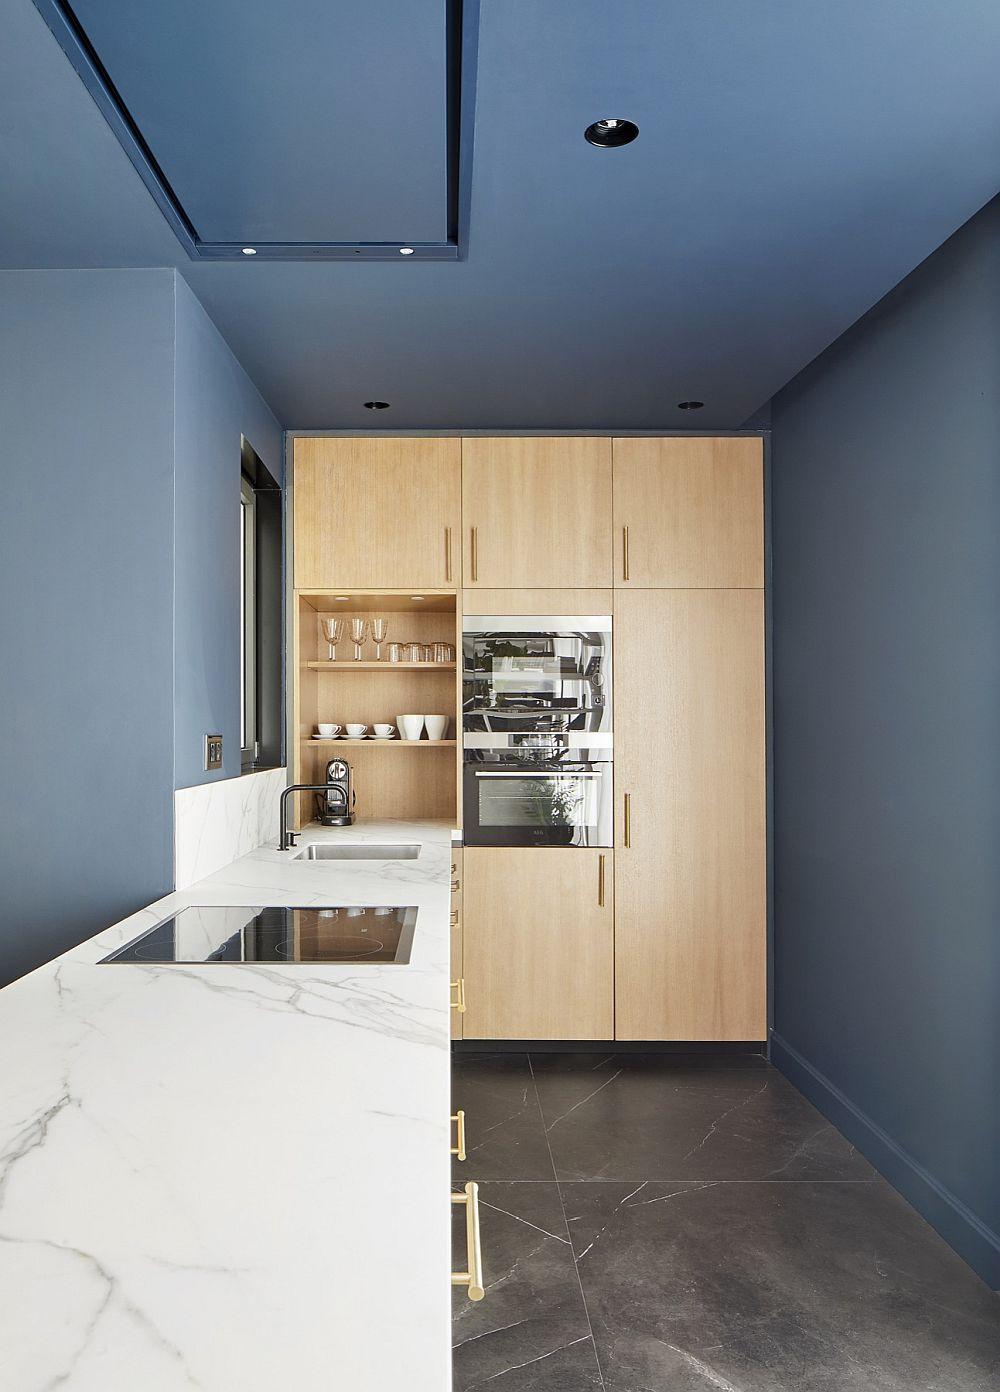 Zona ce înglobează electrocasnicele mari din bucătărie este mai retrasă, atenându-se astfel caracterul tehnic al acesteia în spațiul deschis al zonei de zi.